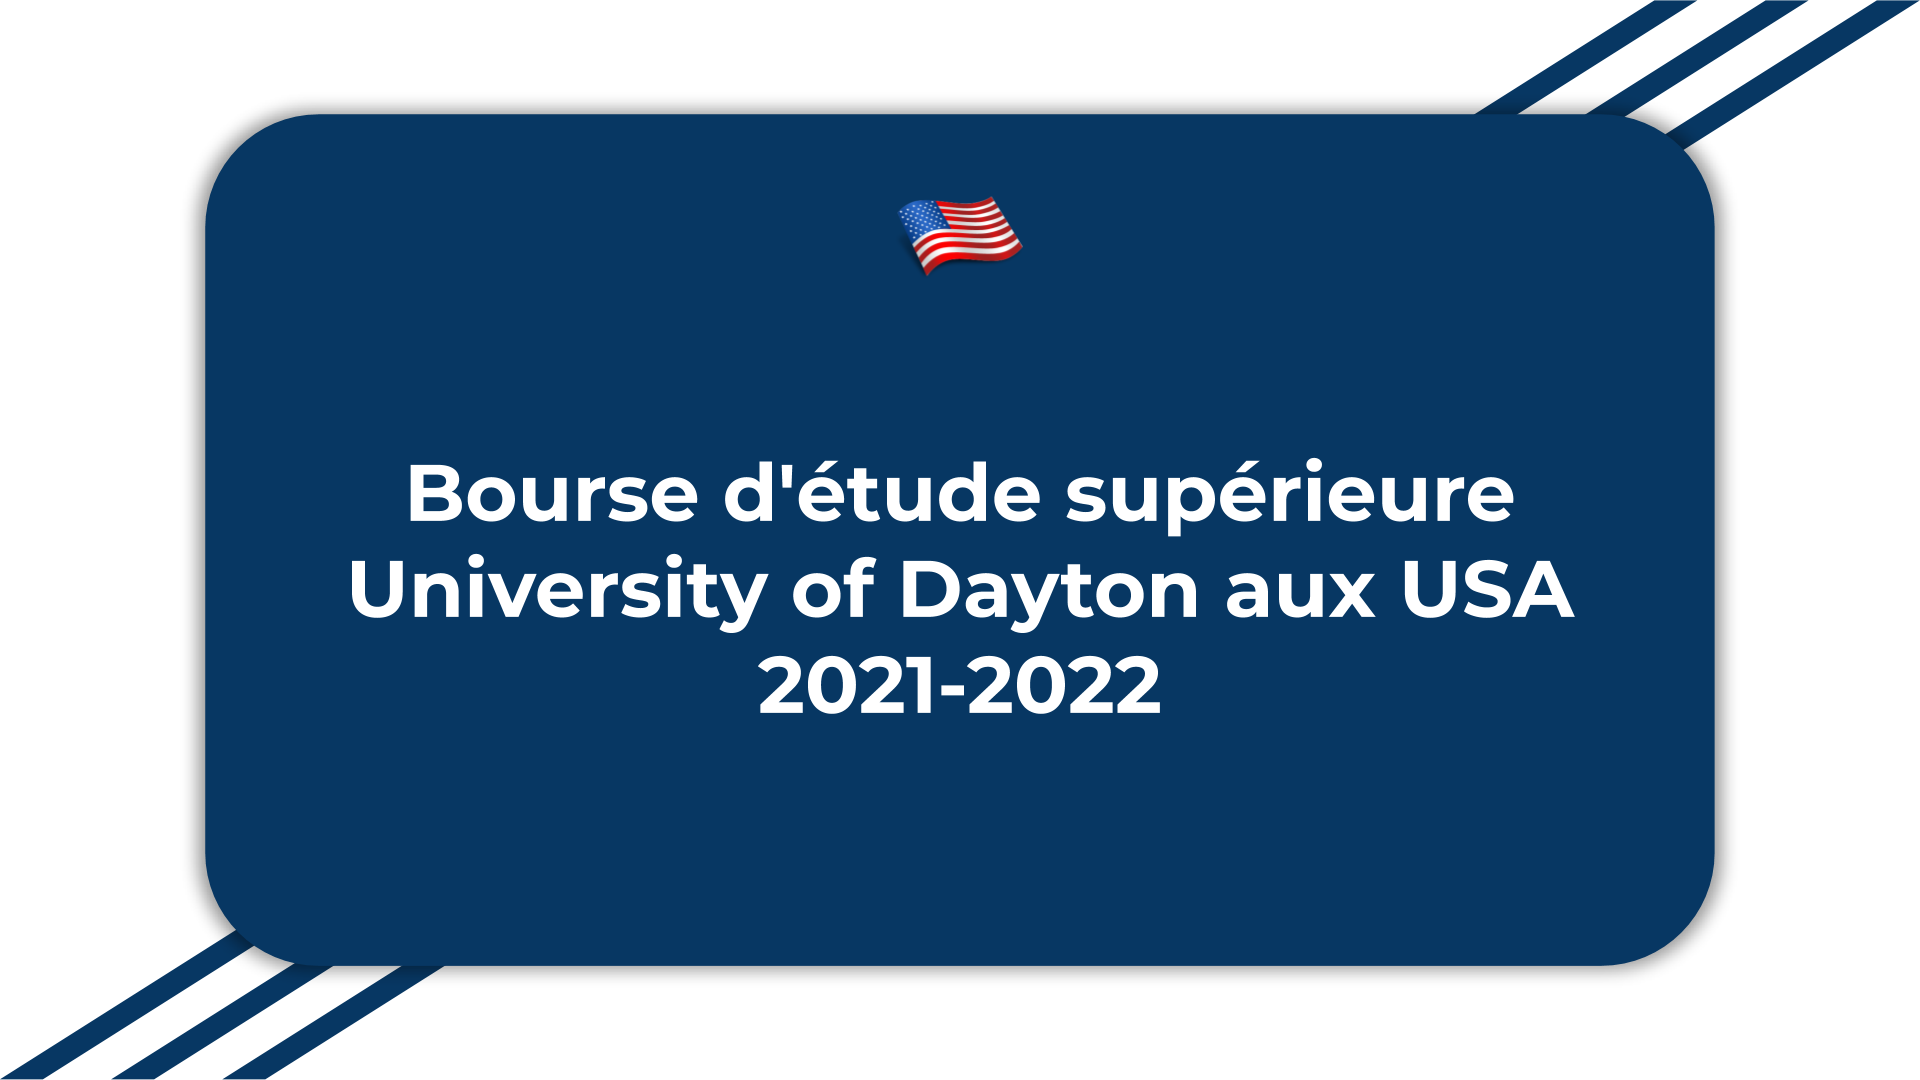 Bourse d'étude supérieure University of Dayton